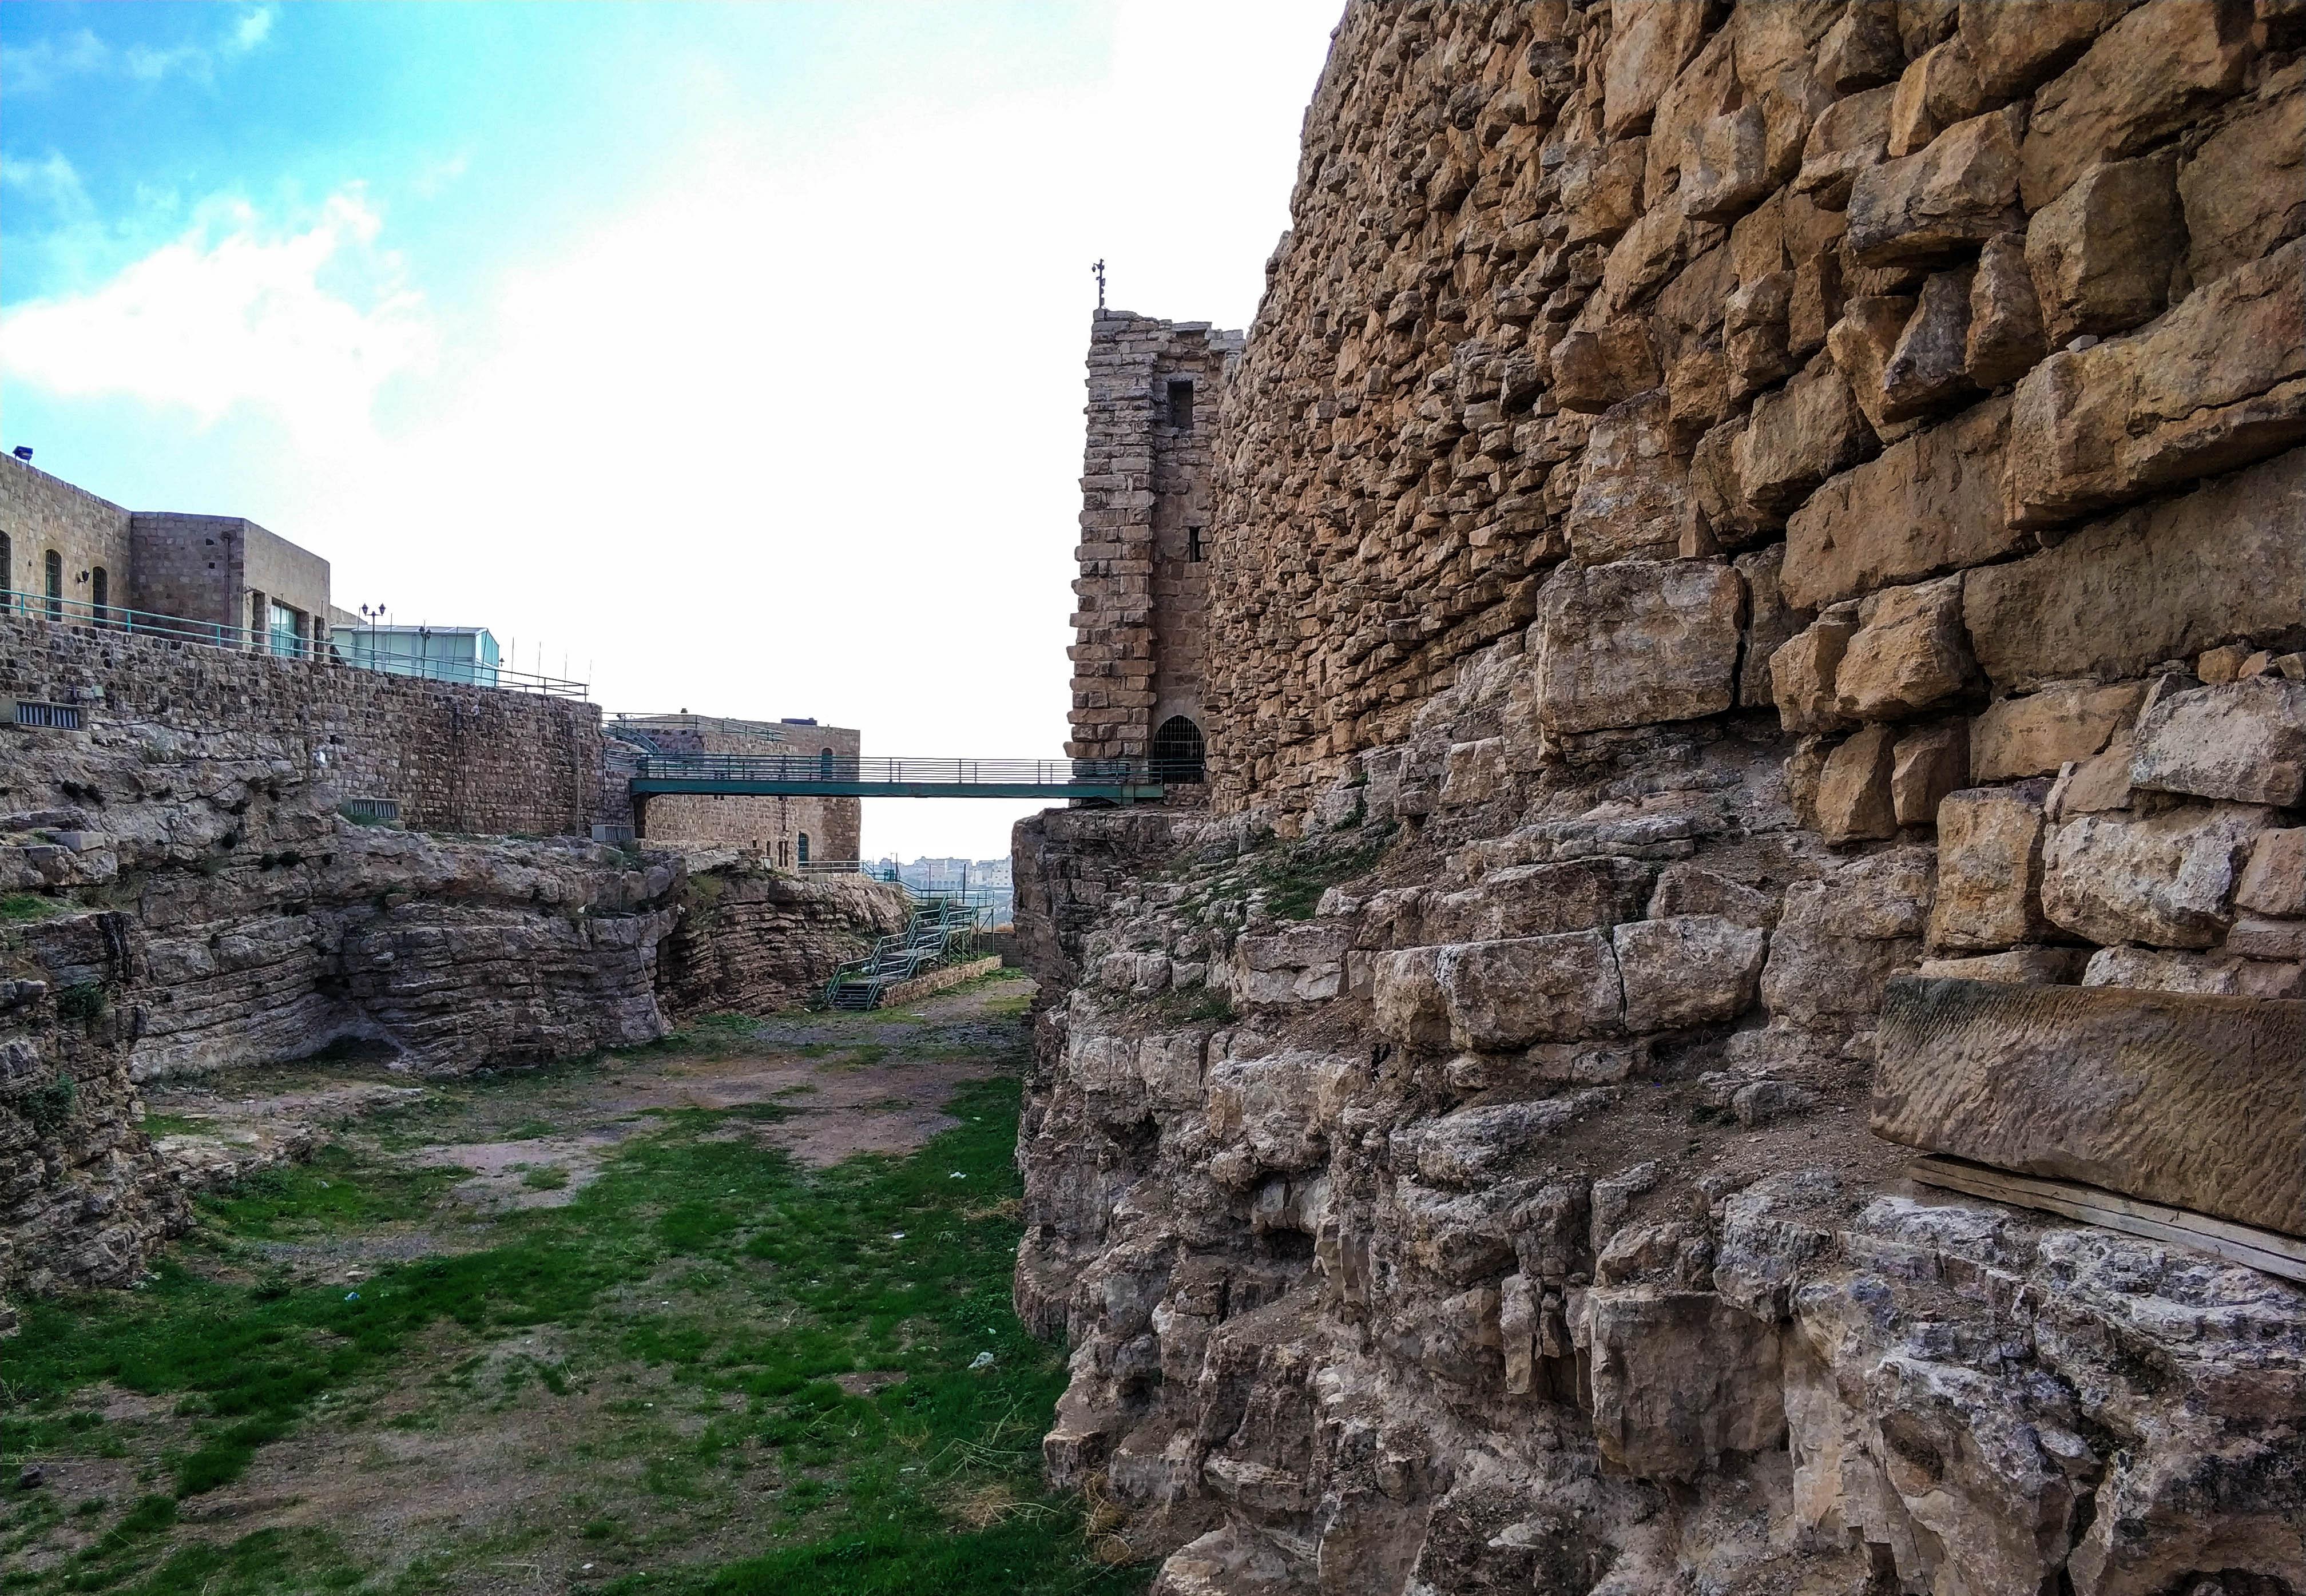 Jordania, Al-Karak, zamek Kerak